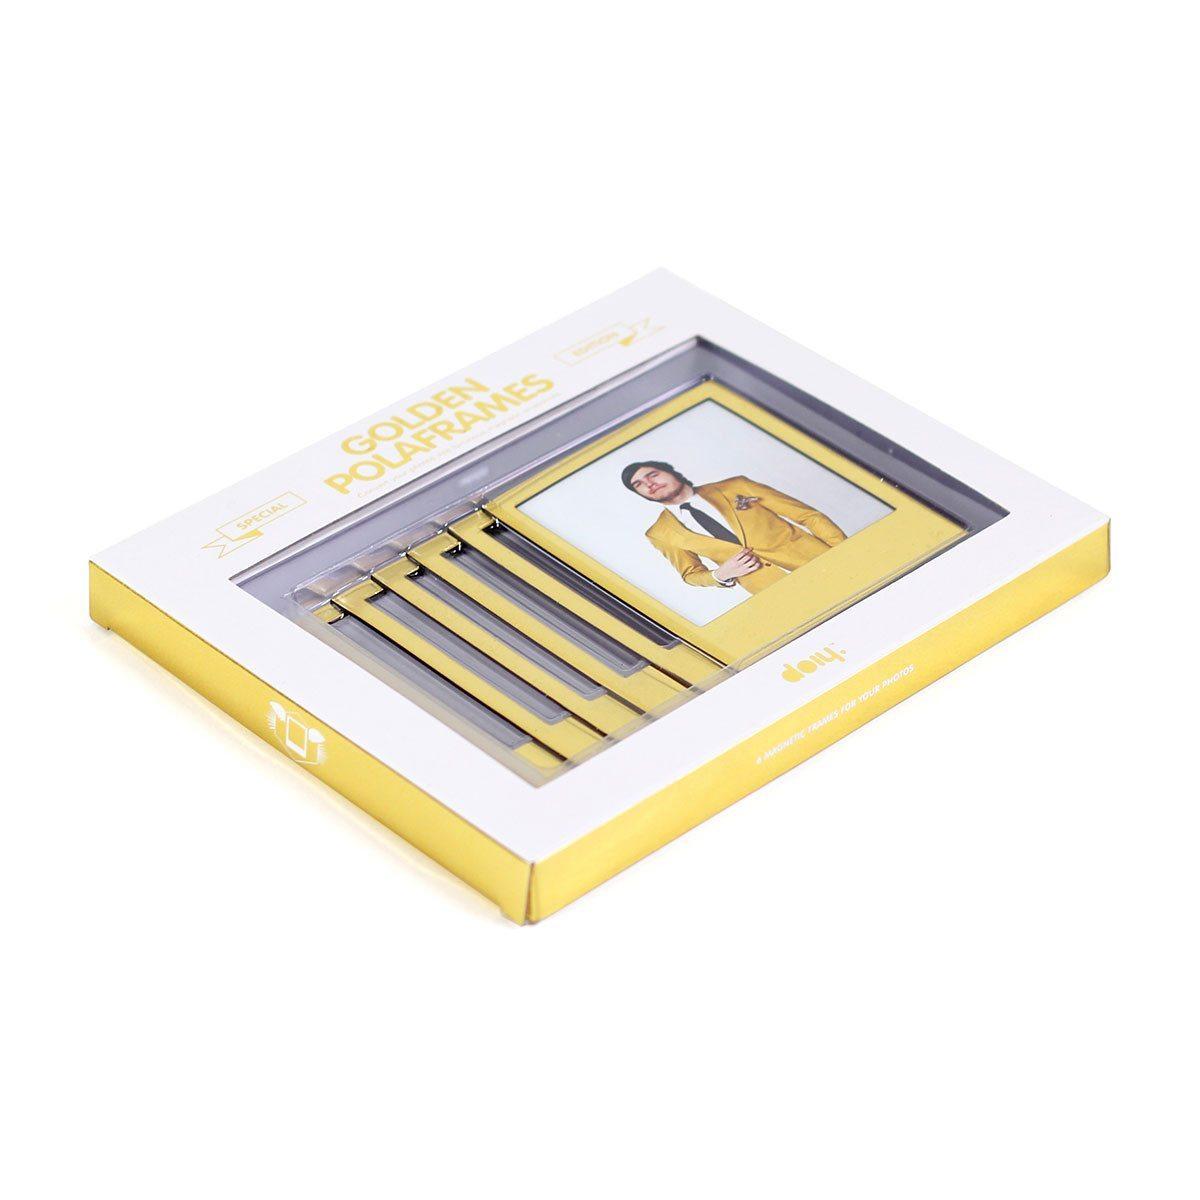 Polaframes Gold